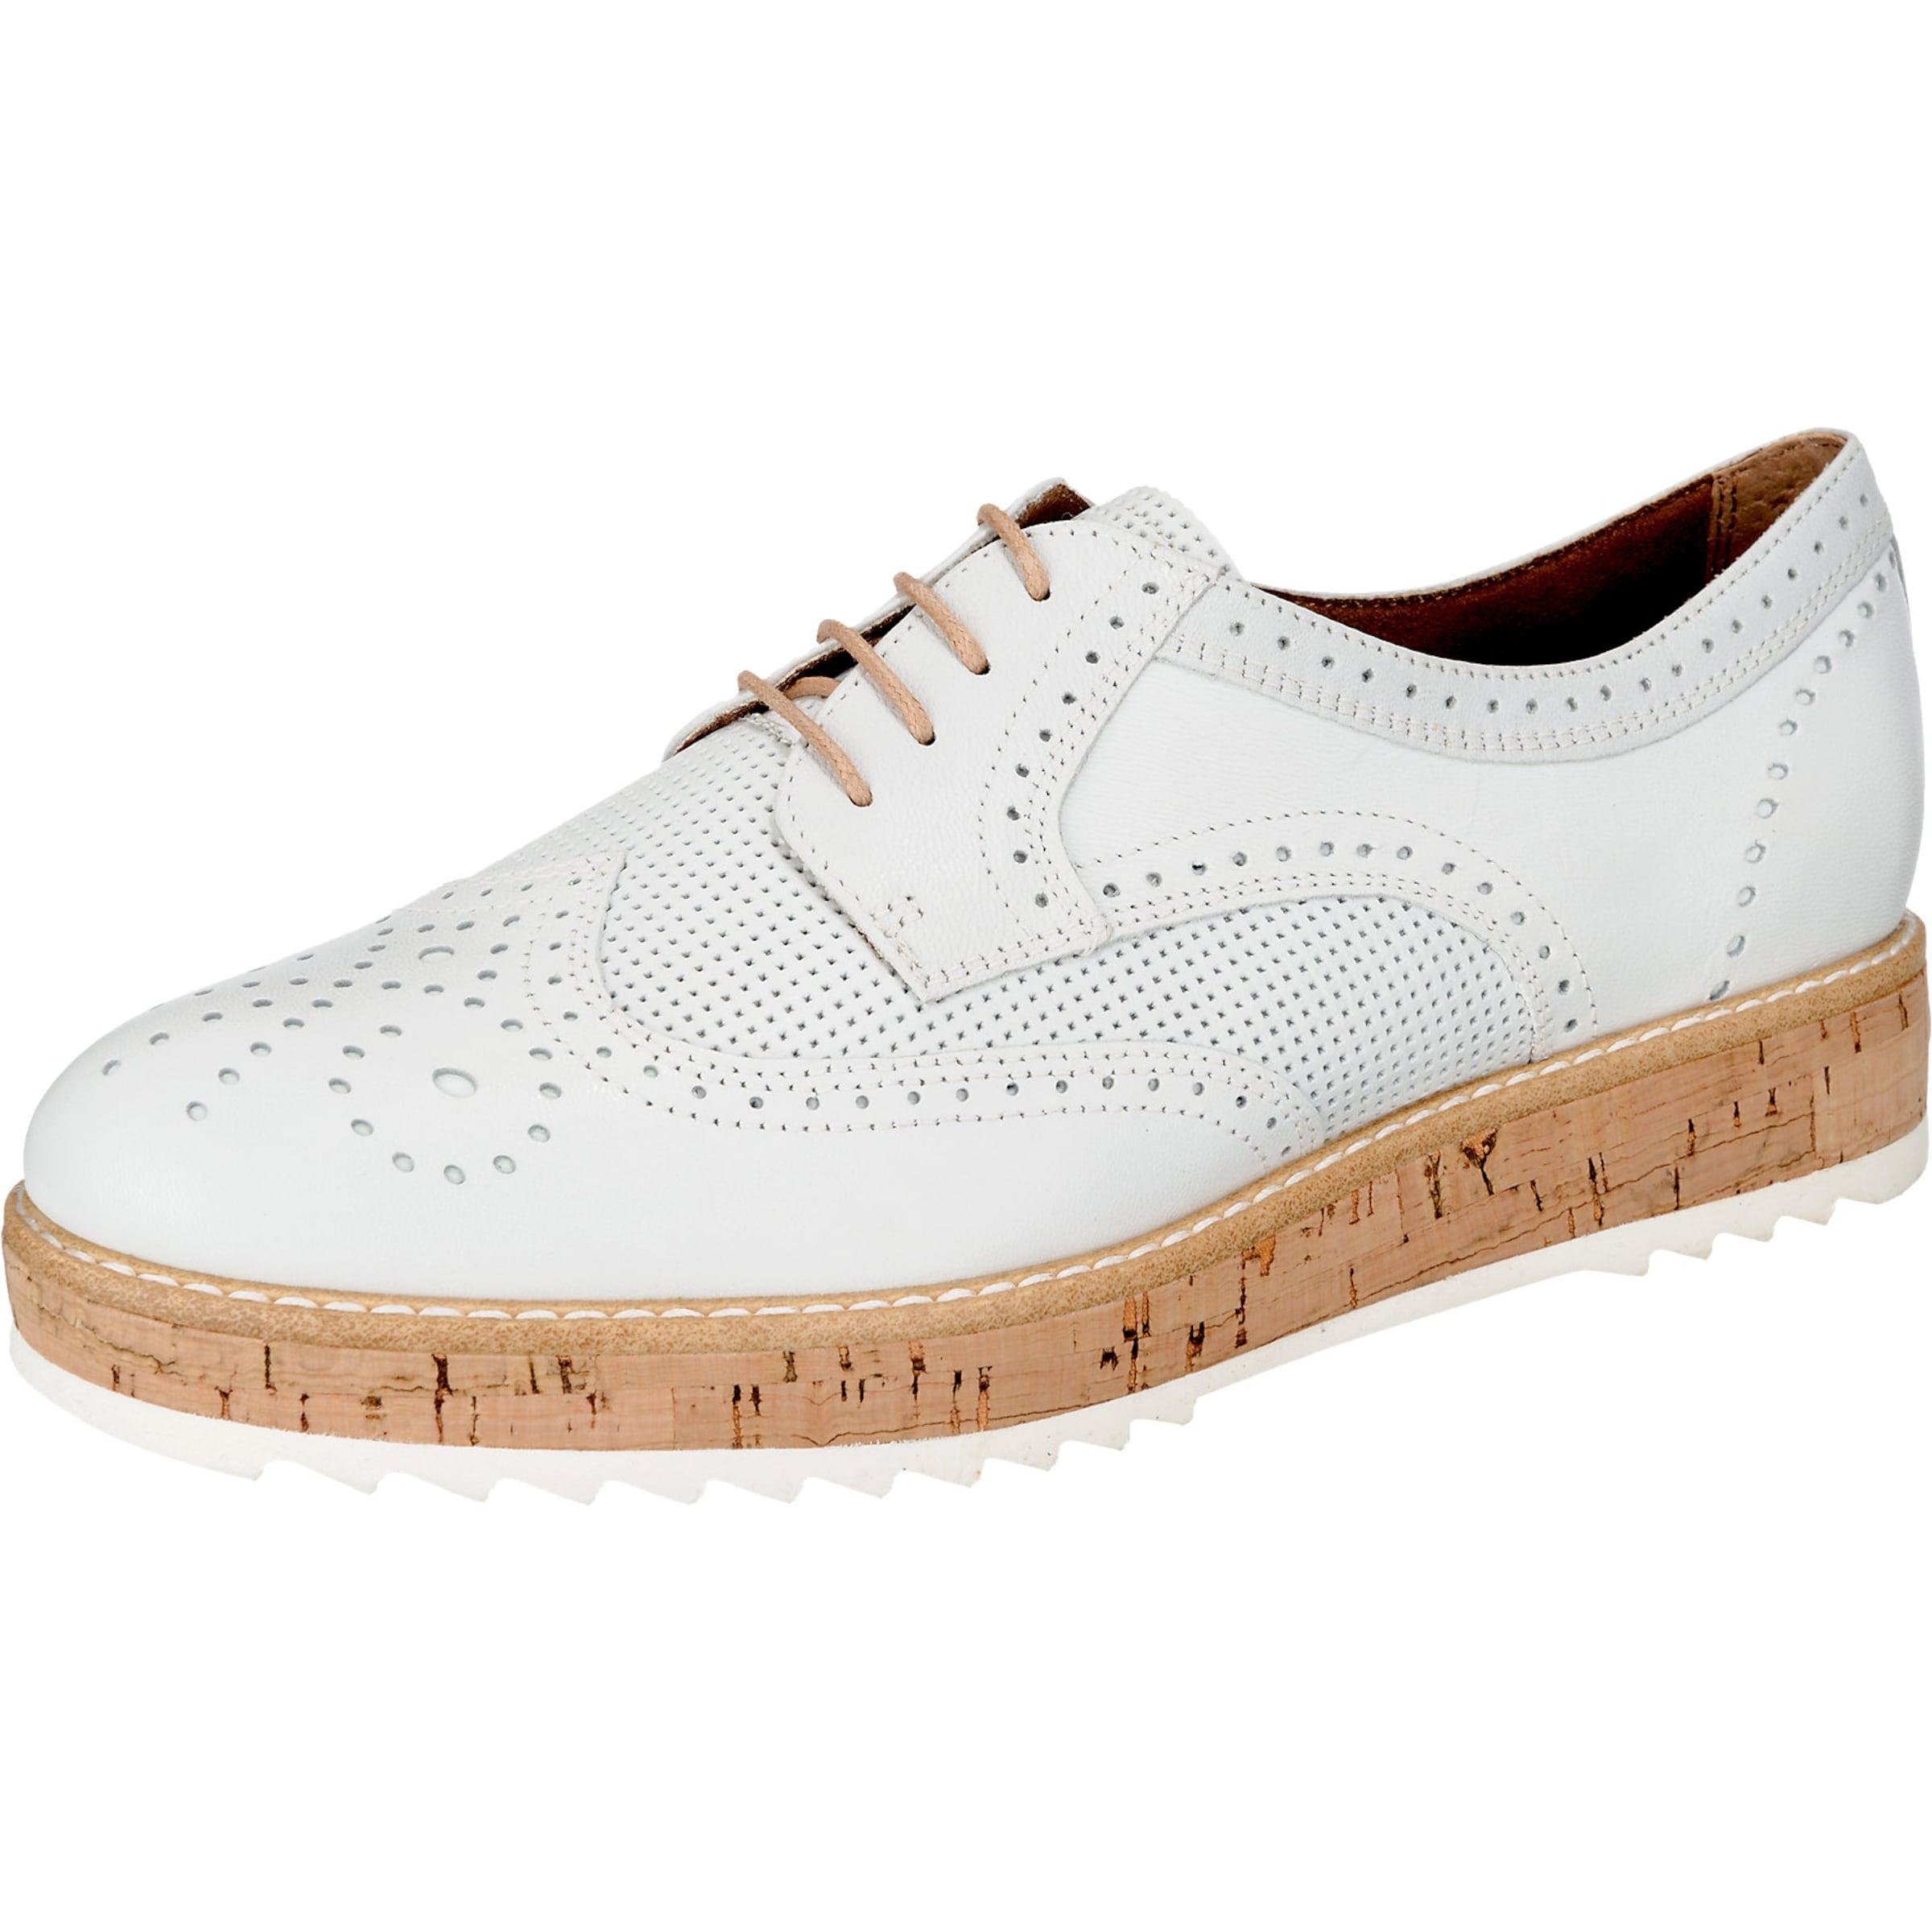 TAMARIS Plateau Schnürschuhe Verschleißfeste billige Schuhe